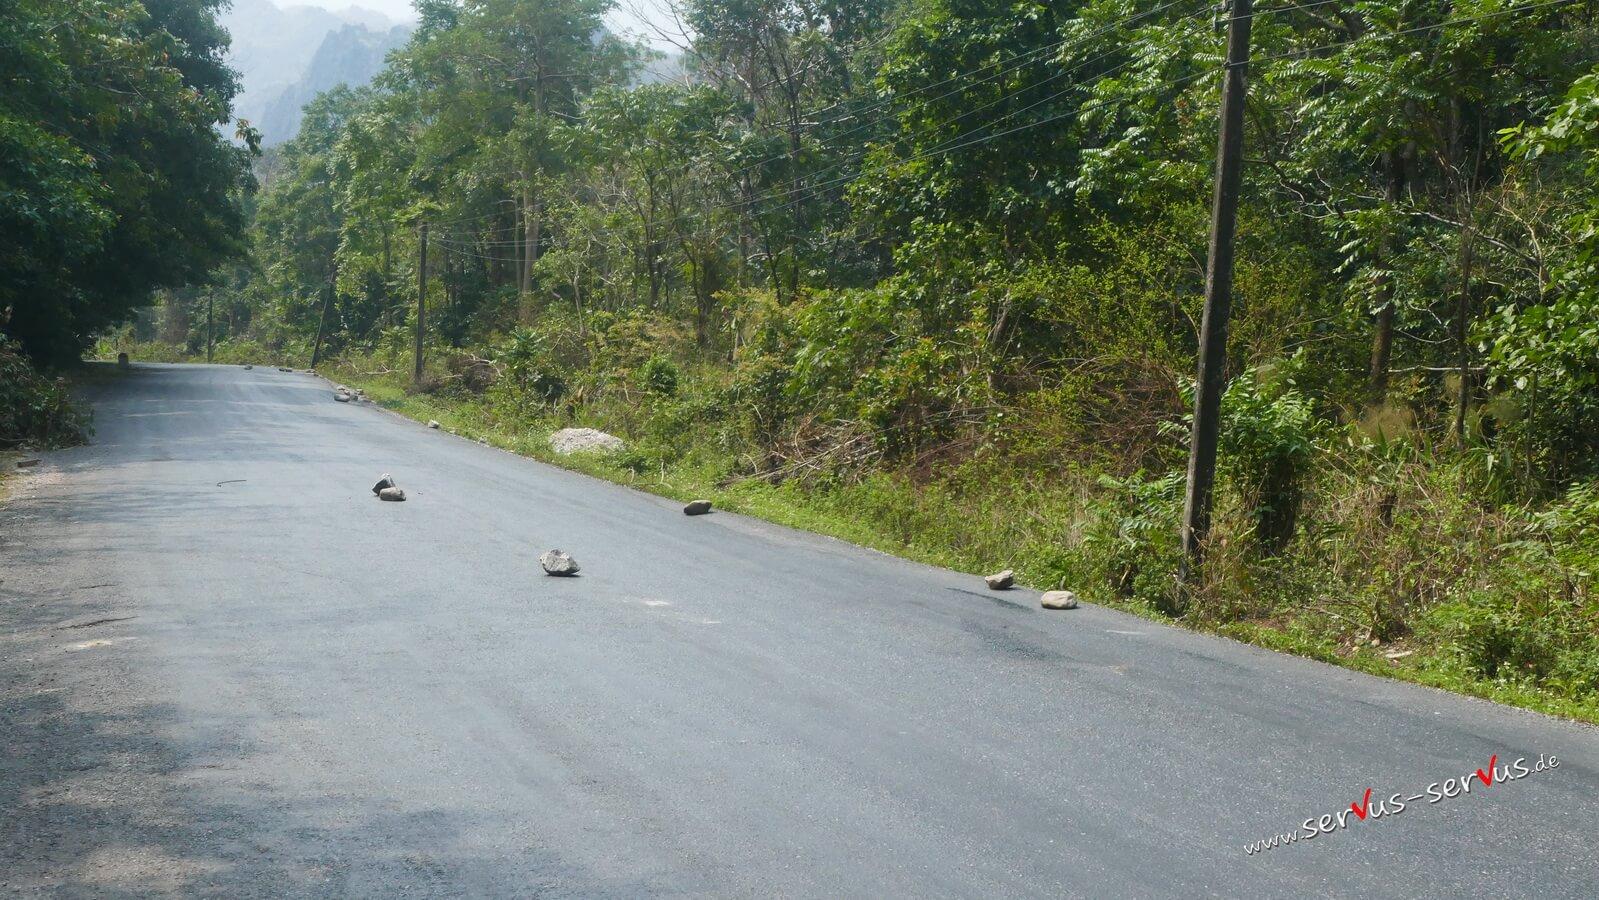 Steine auf der Straße